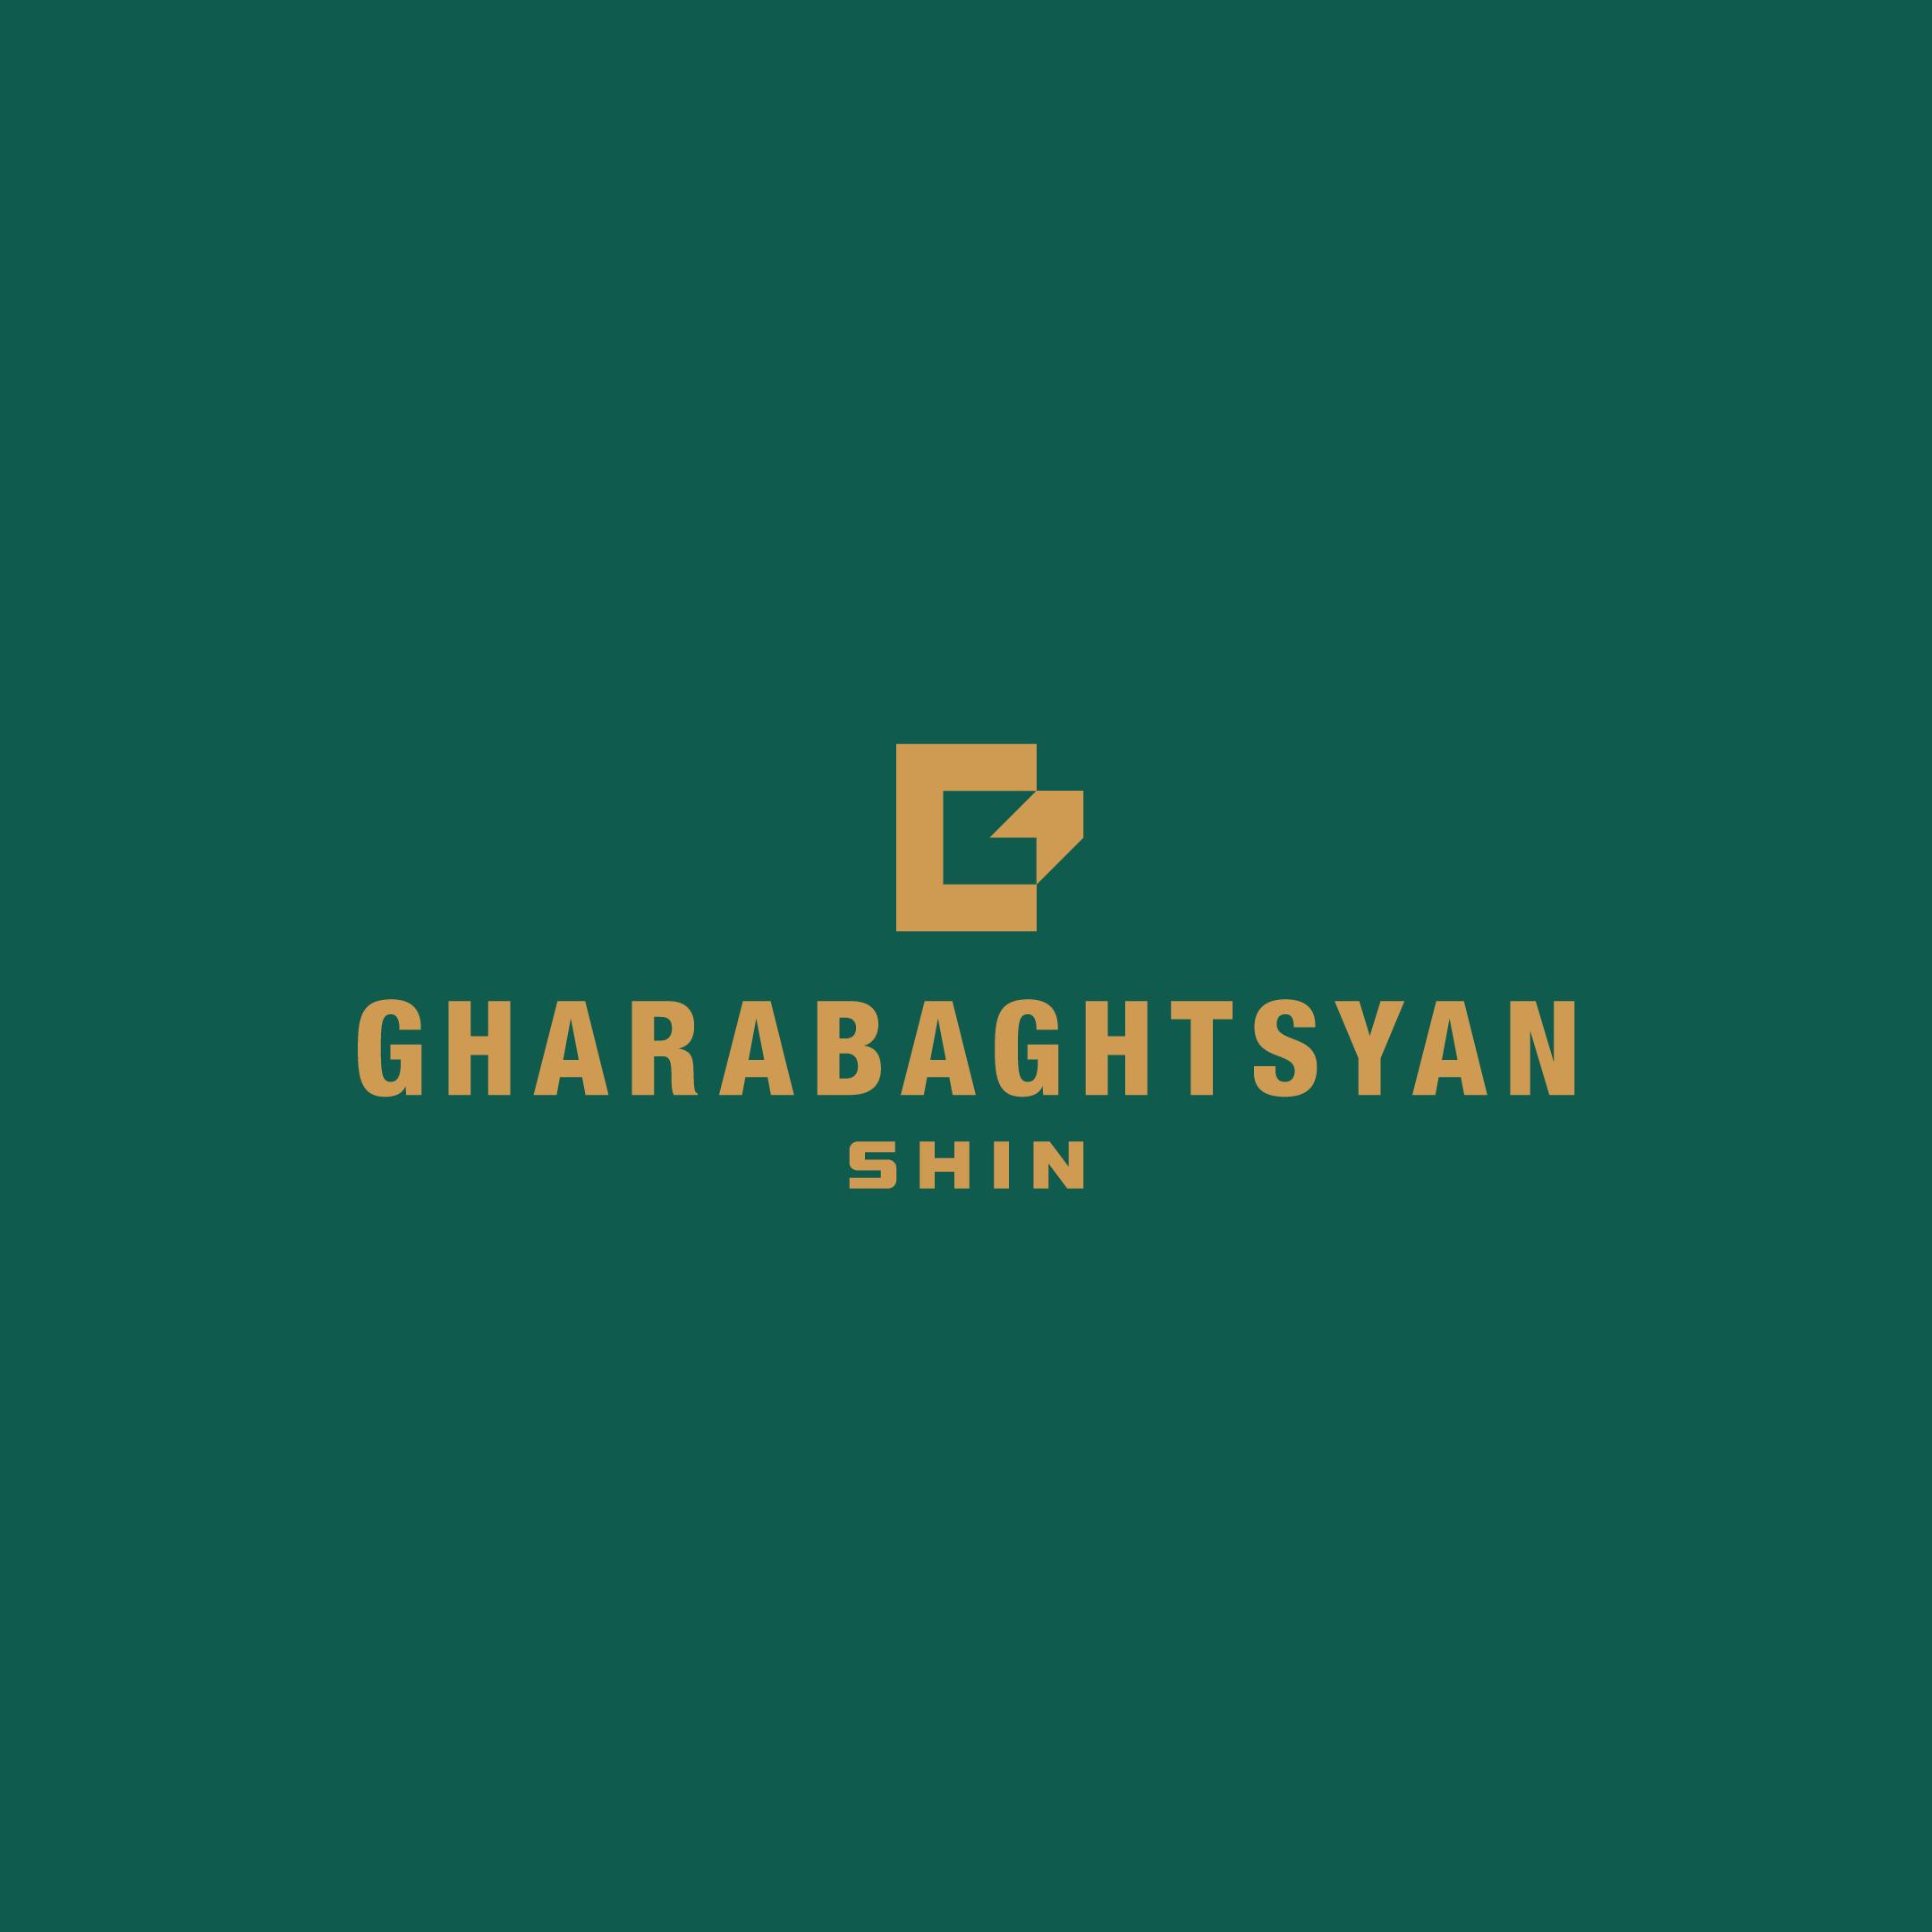 Gharabaghtsyan Shin